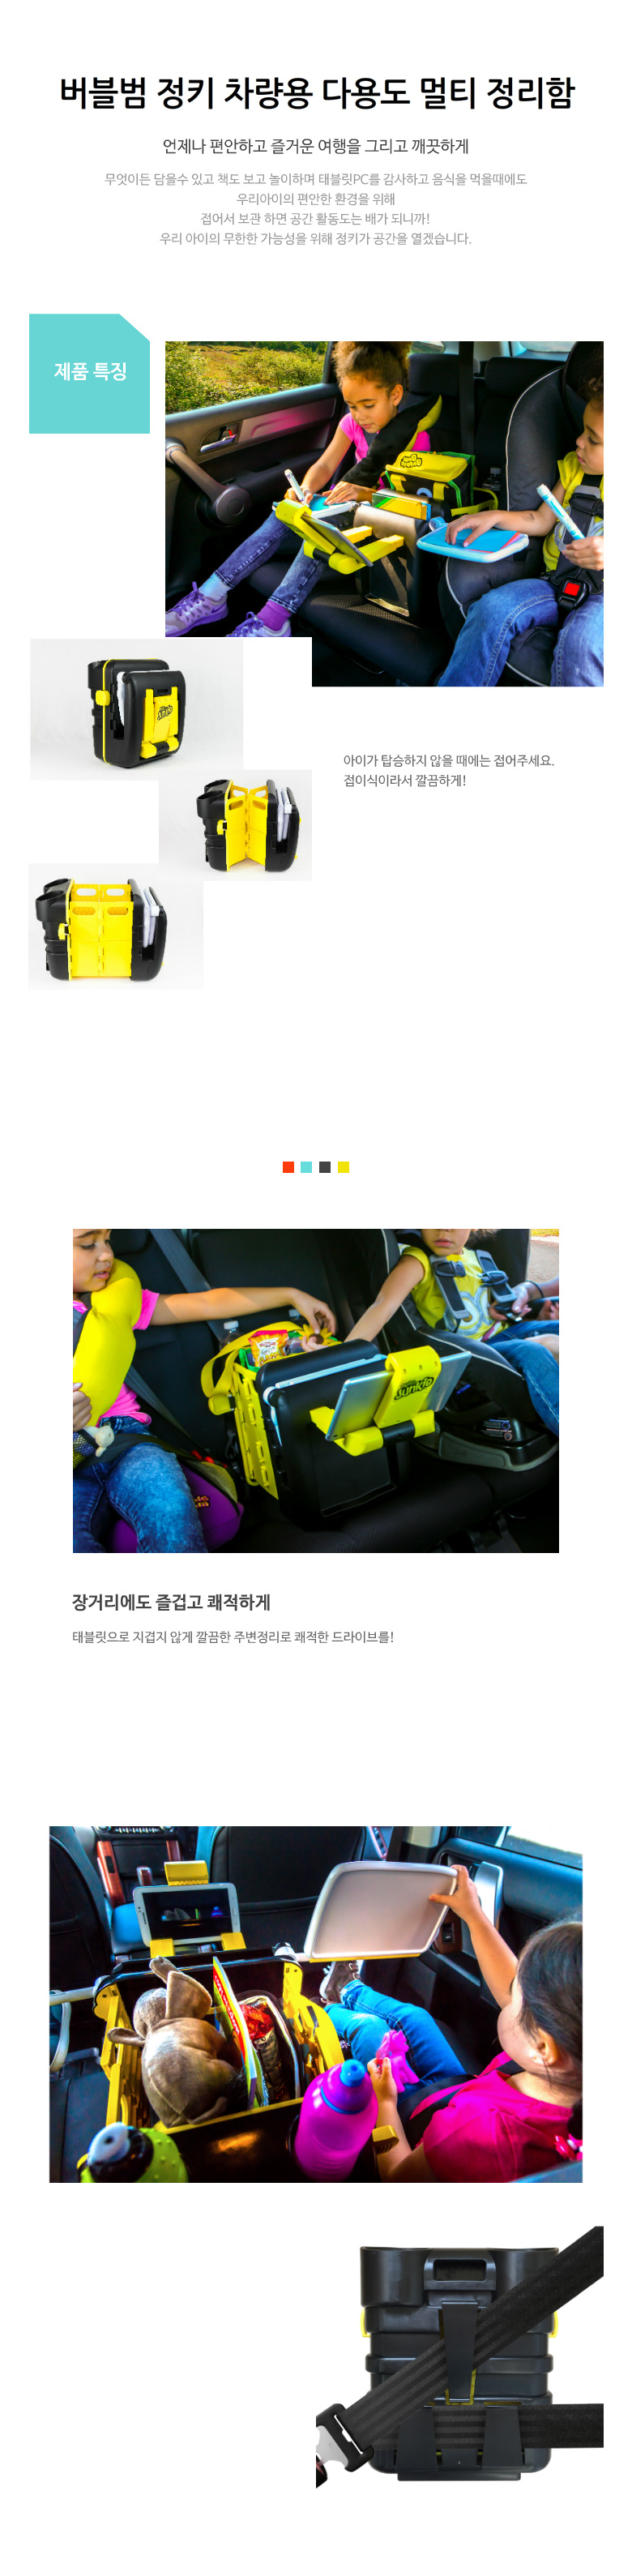 버블범 다용도 멀티함 정키 - 버블범, 74,800원, 유모차/카시트, 카시트/유아차량용품